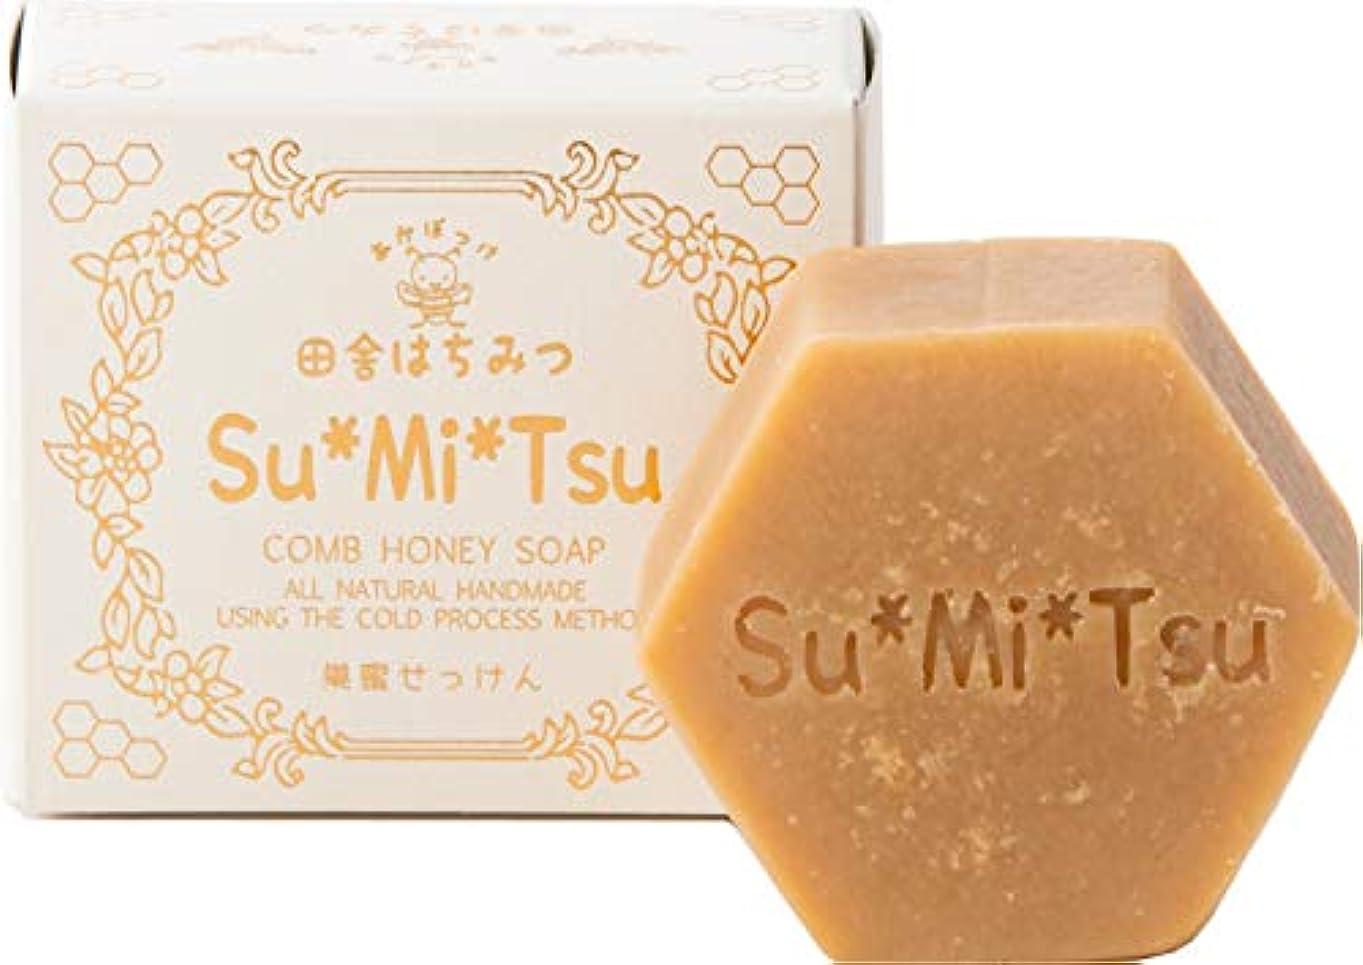 夢成功する震えSuMiTsu 巣蜜スキンケア ピュアな素肌 濃蜜 ハチミツボタニカル 贅沢配合 (石けん)